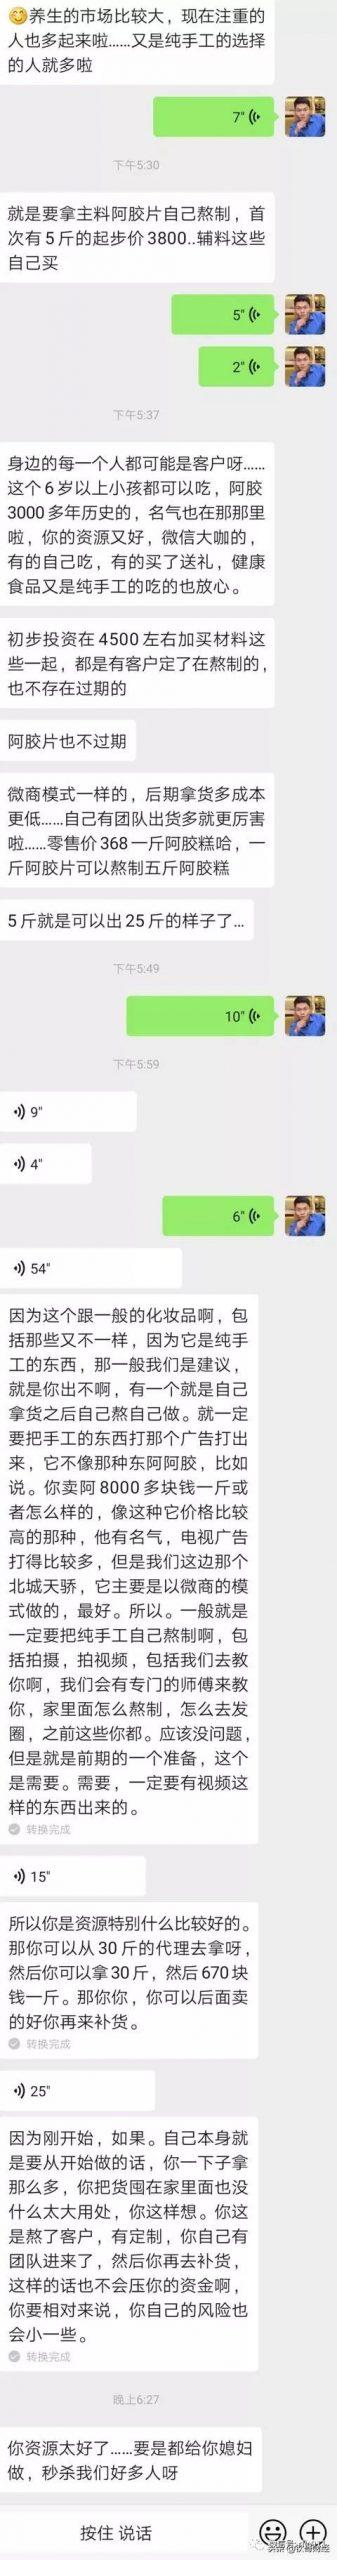 朋友圈最近特别火的宝妈手工阿胶糕(美思康宸)是什么鬼?传销?插图(11)